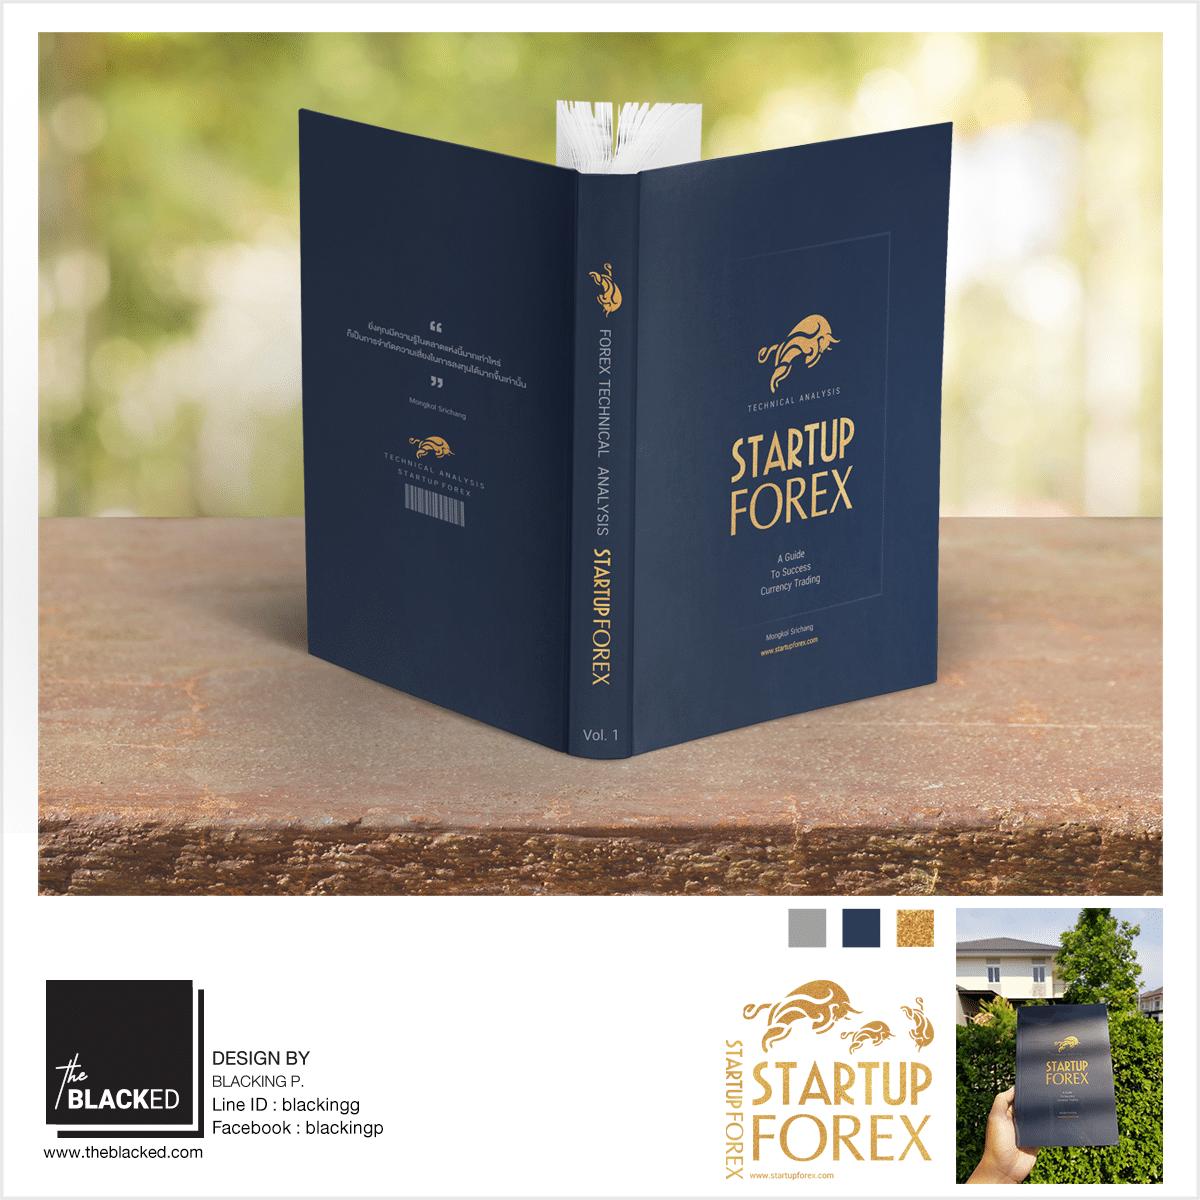 ออกแบบปกหนังสือ ออกแบบหนังสือ Coverbook